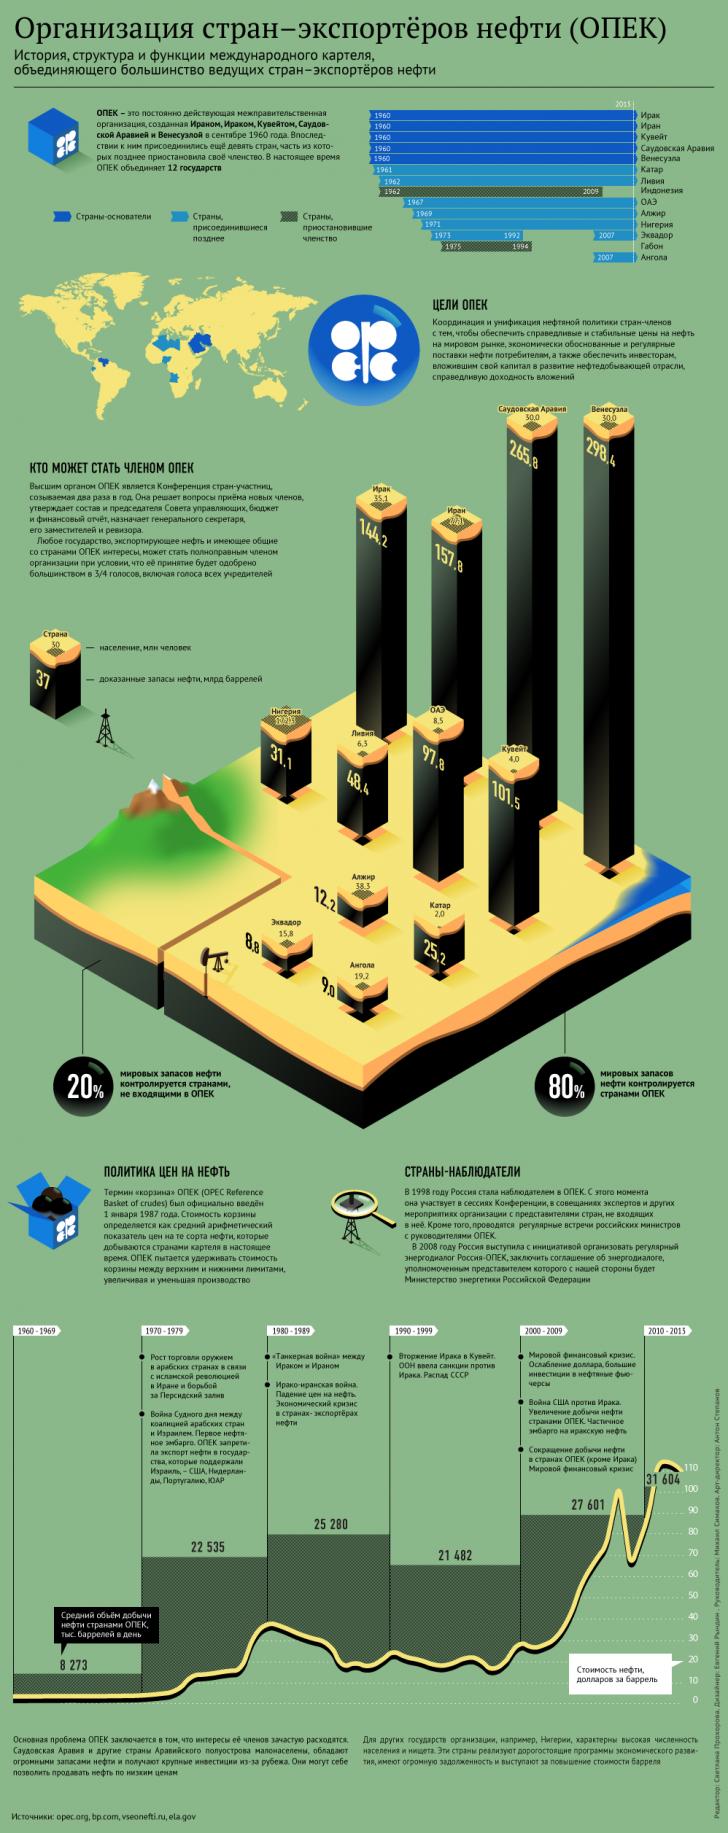 Саудовская Аравия предложила обсудить возможность снижения добычи нефти